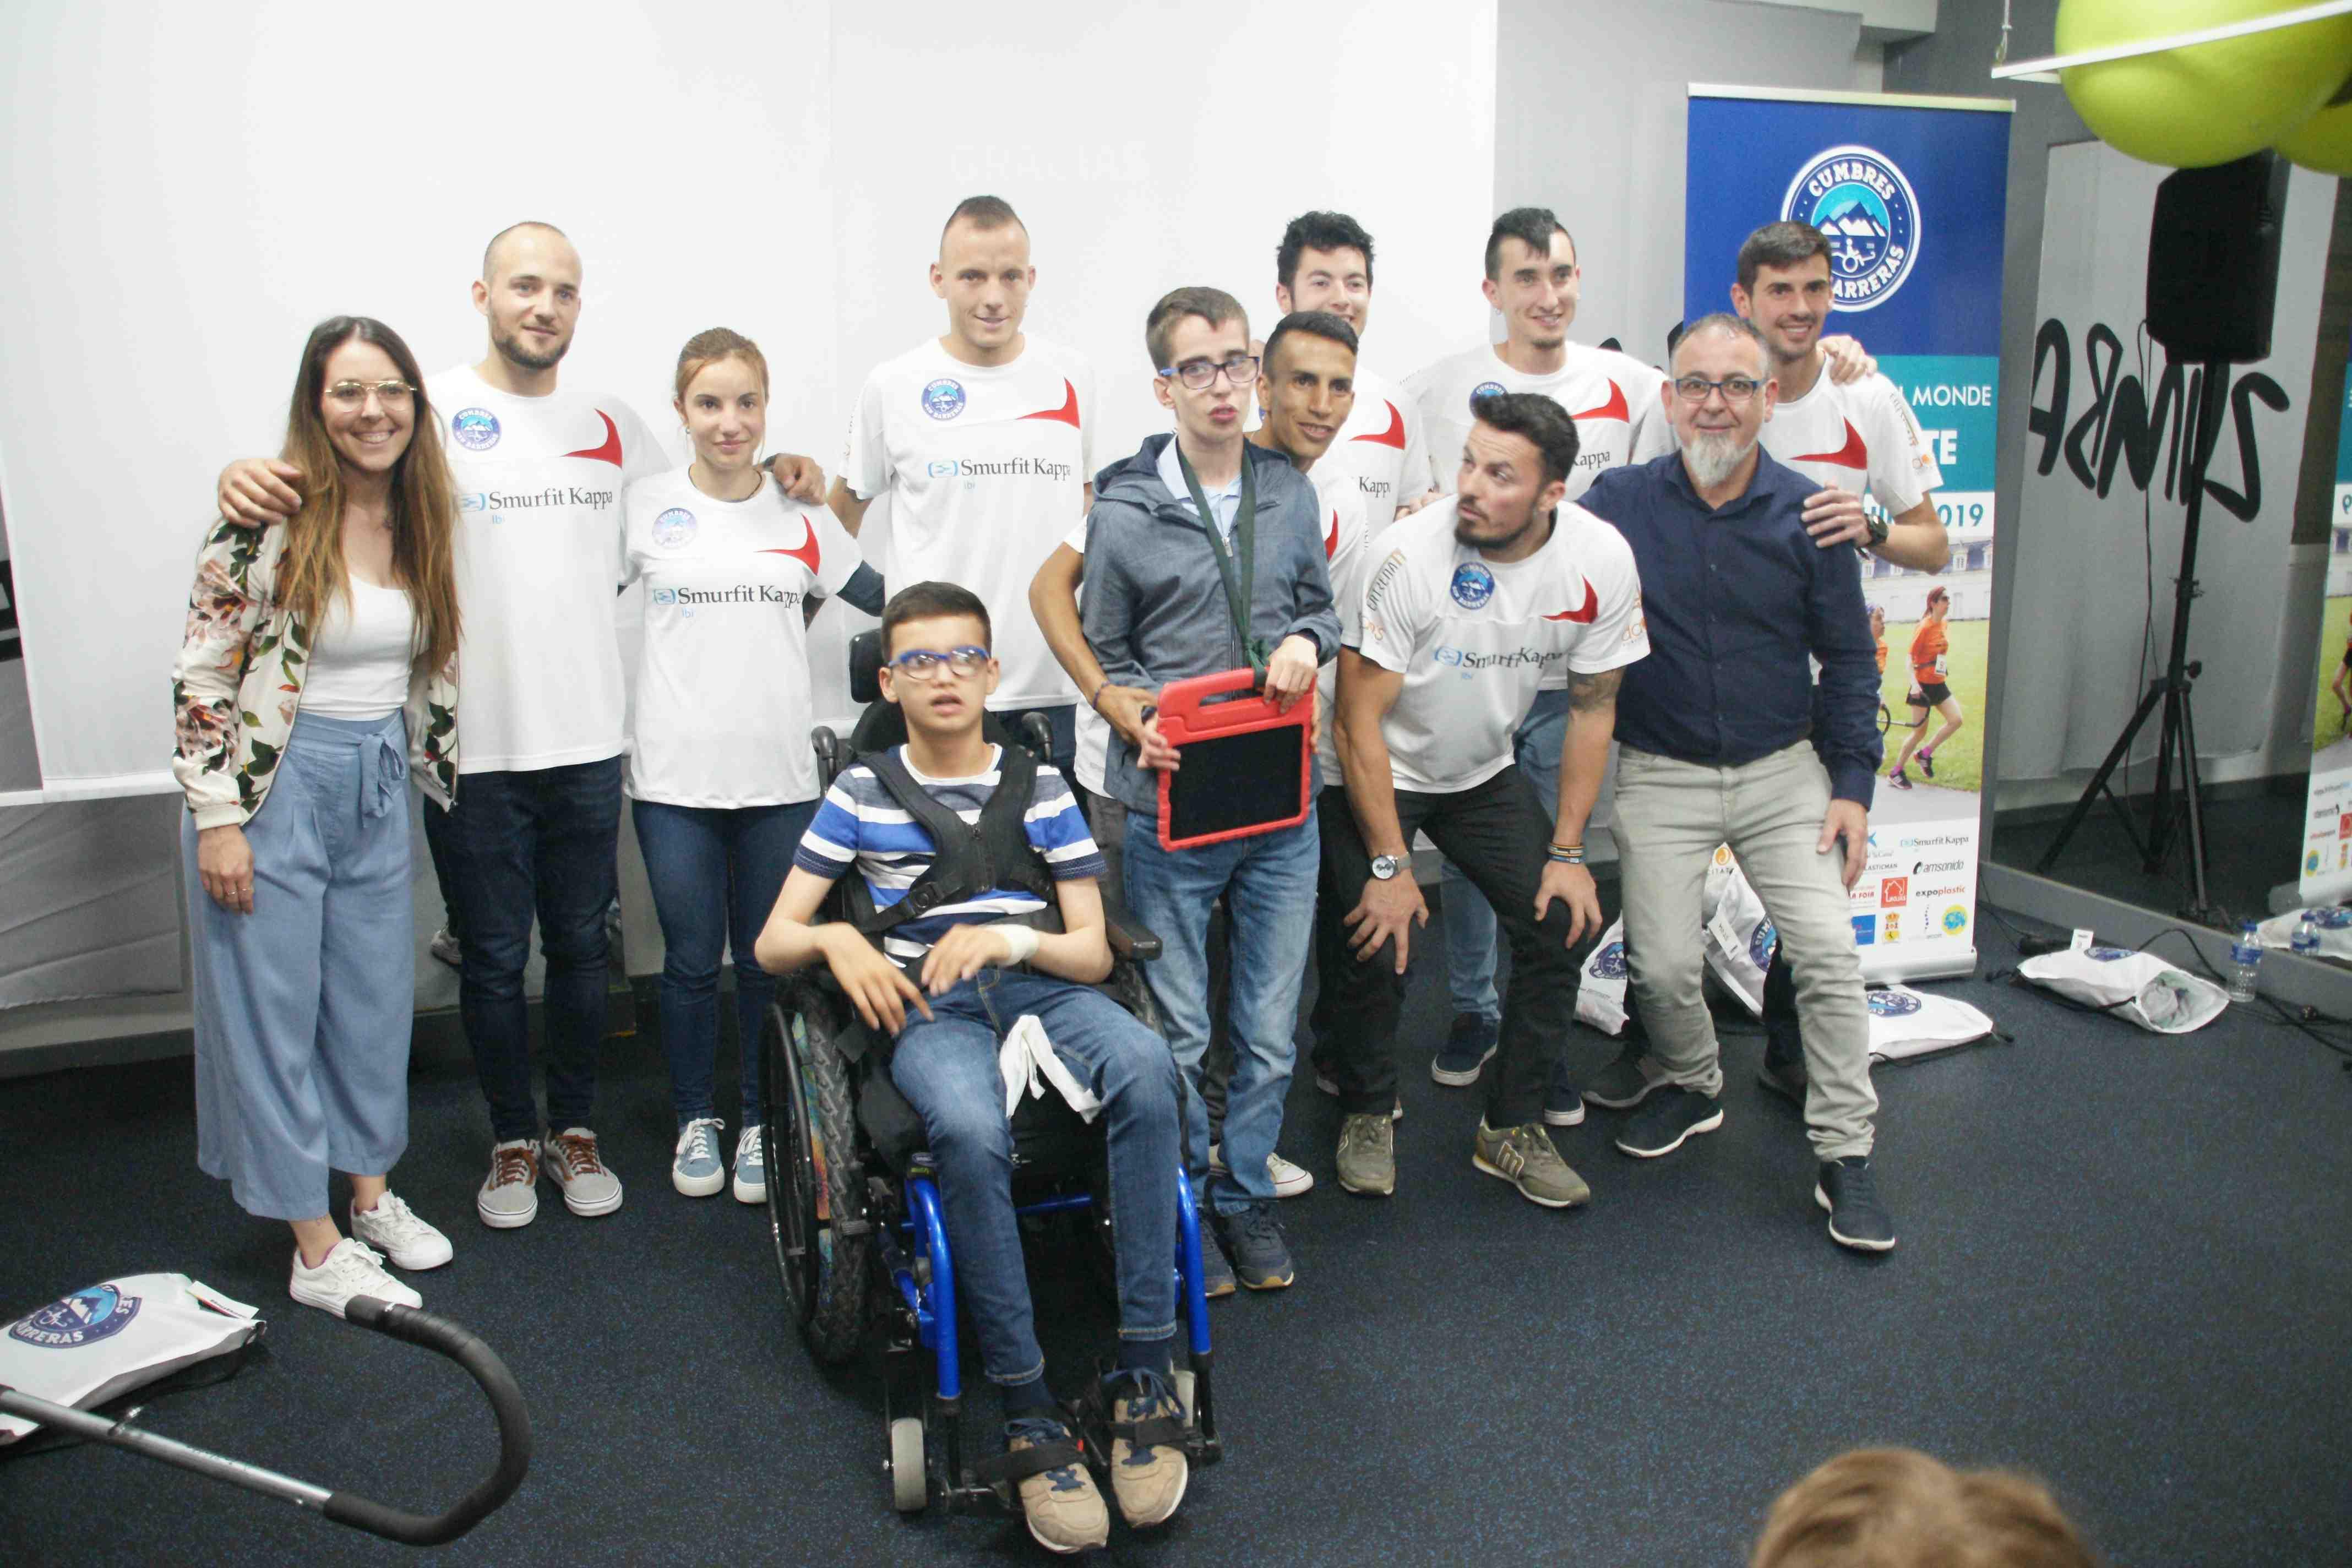 El equipo de Cumbres sin Barreras compite en el Campeonato del Mundo en Francia gracias al apoyo de varias empresas de la comarca